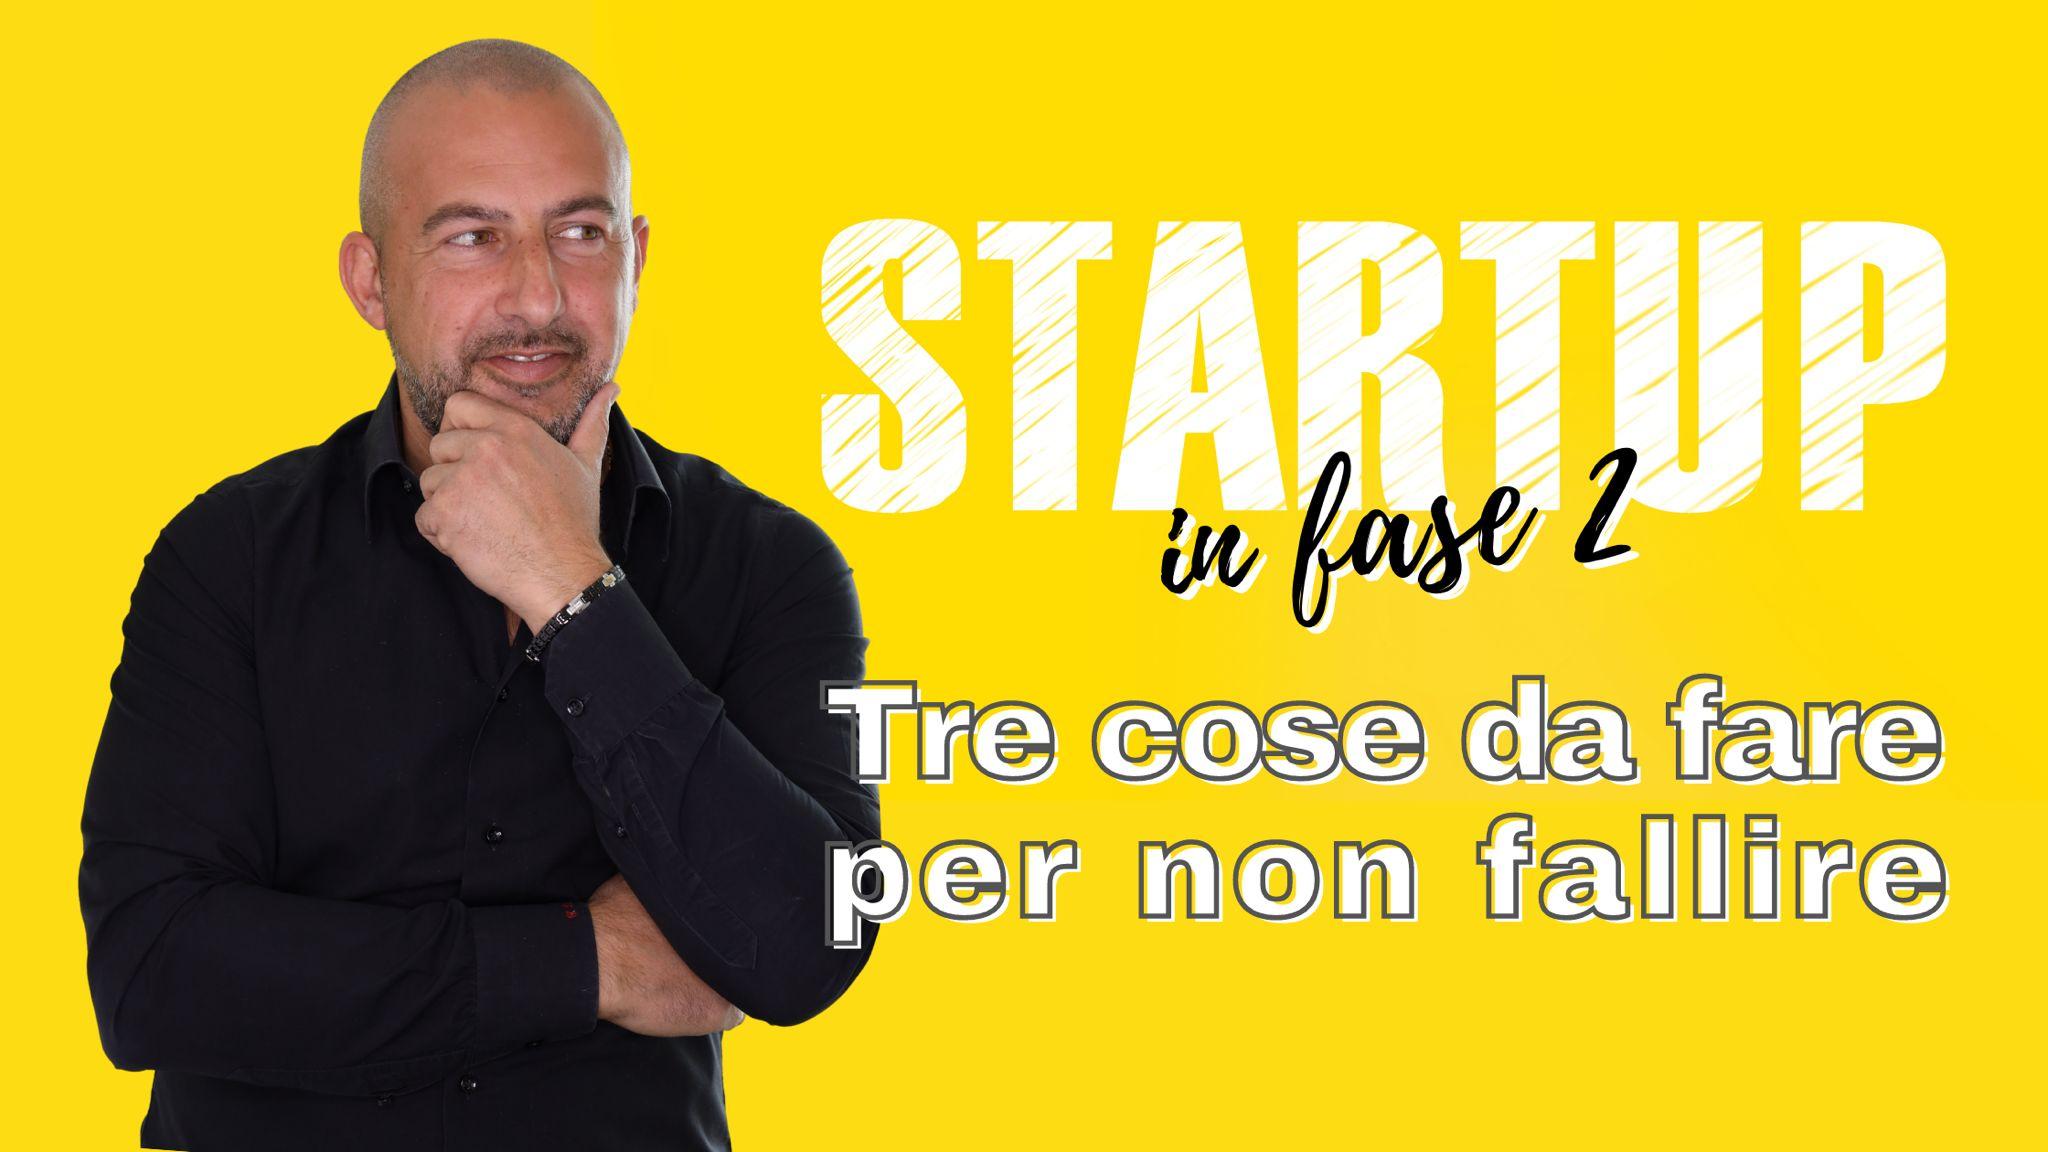 Start up in Fase 2: tre cose da fare per non fallire